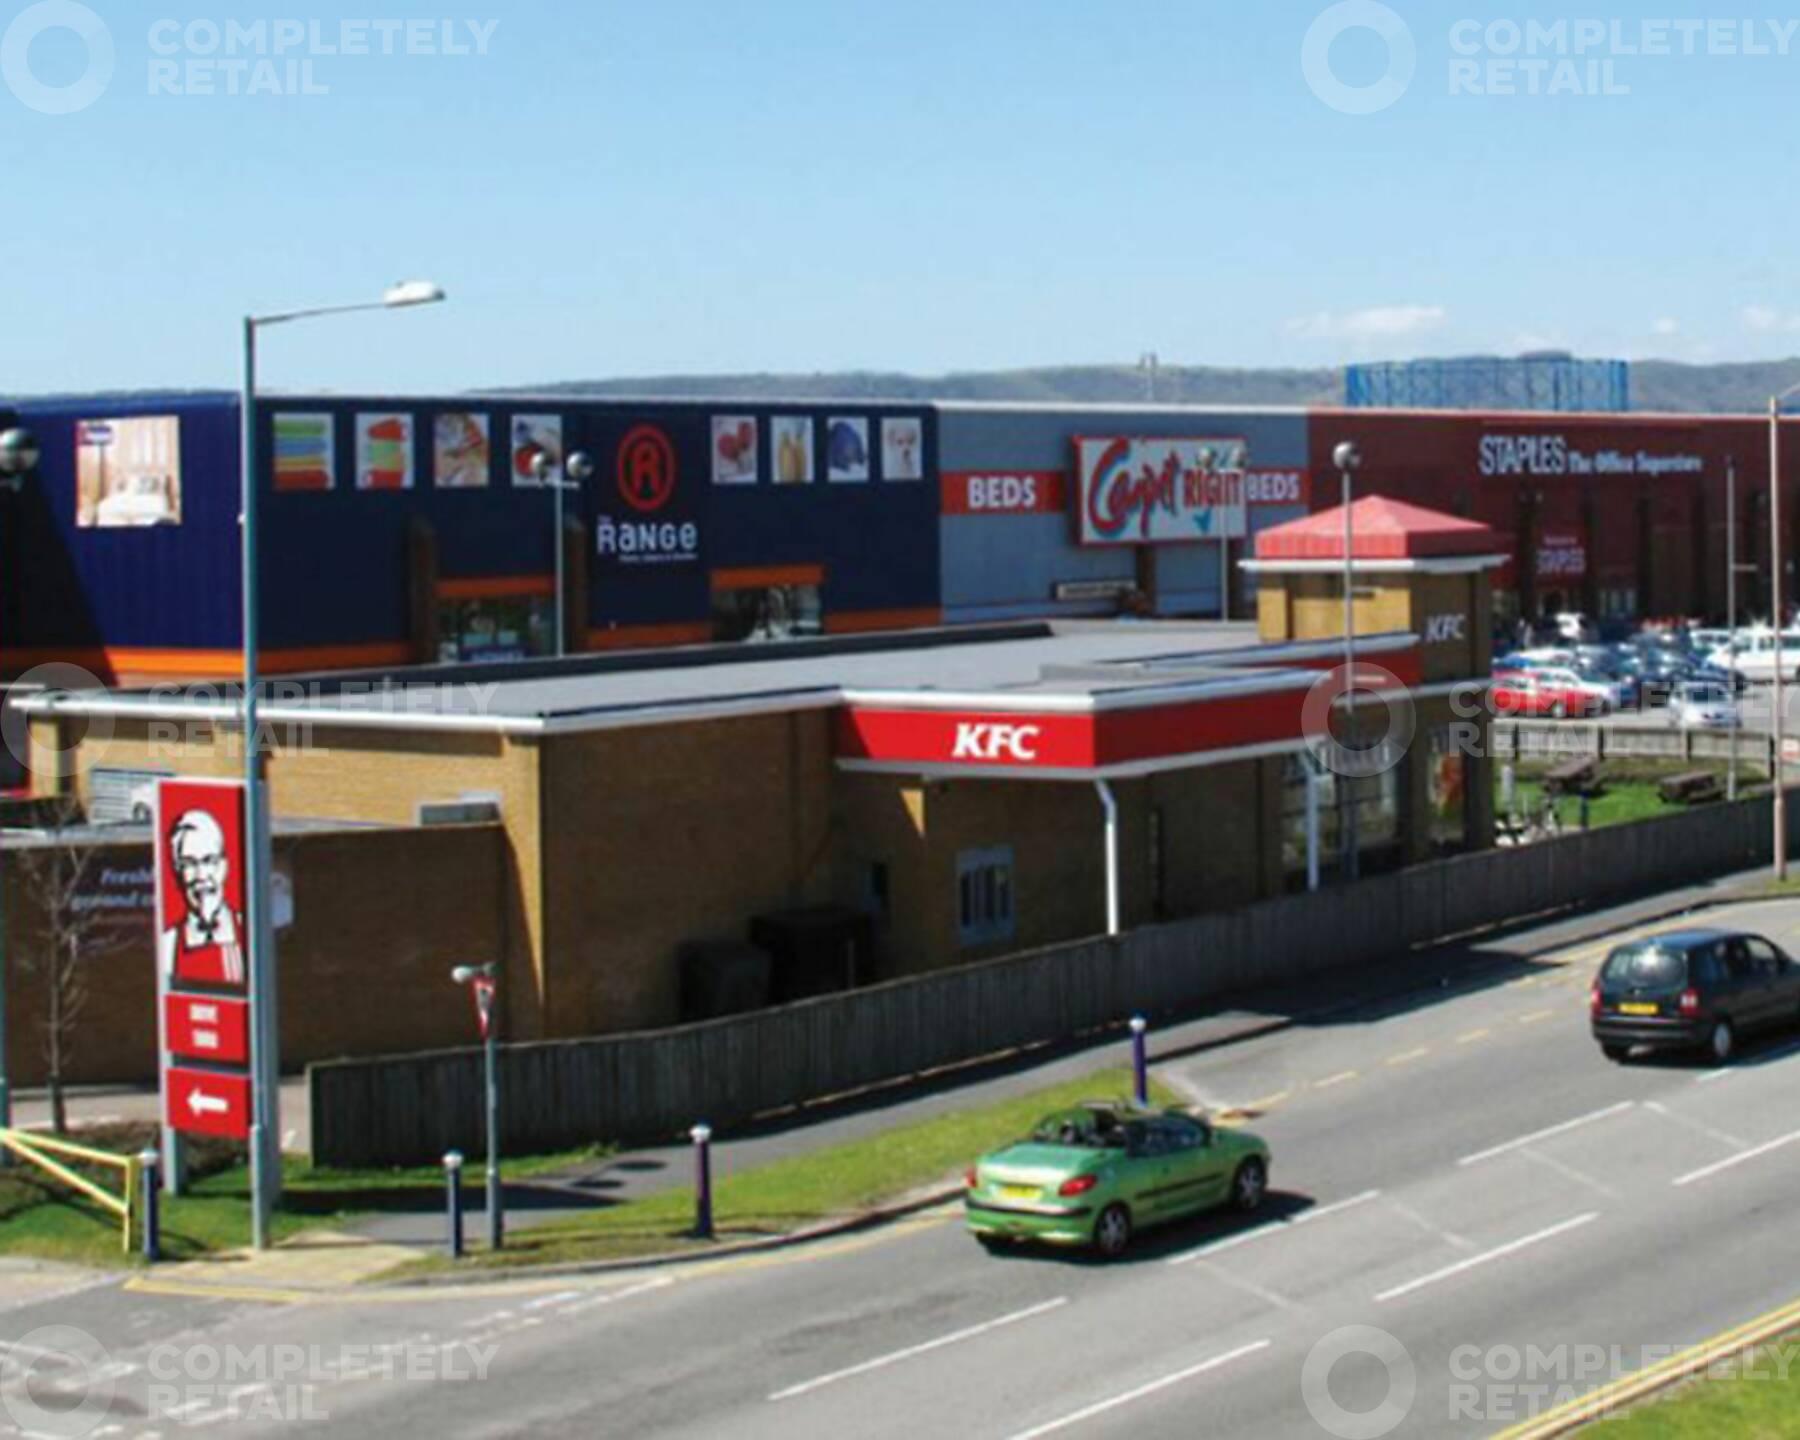 Lottbridge Drove Retail Park